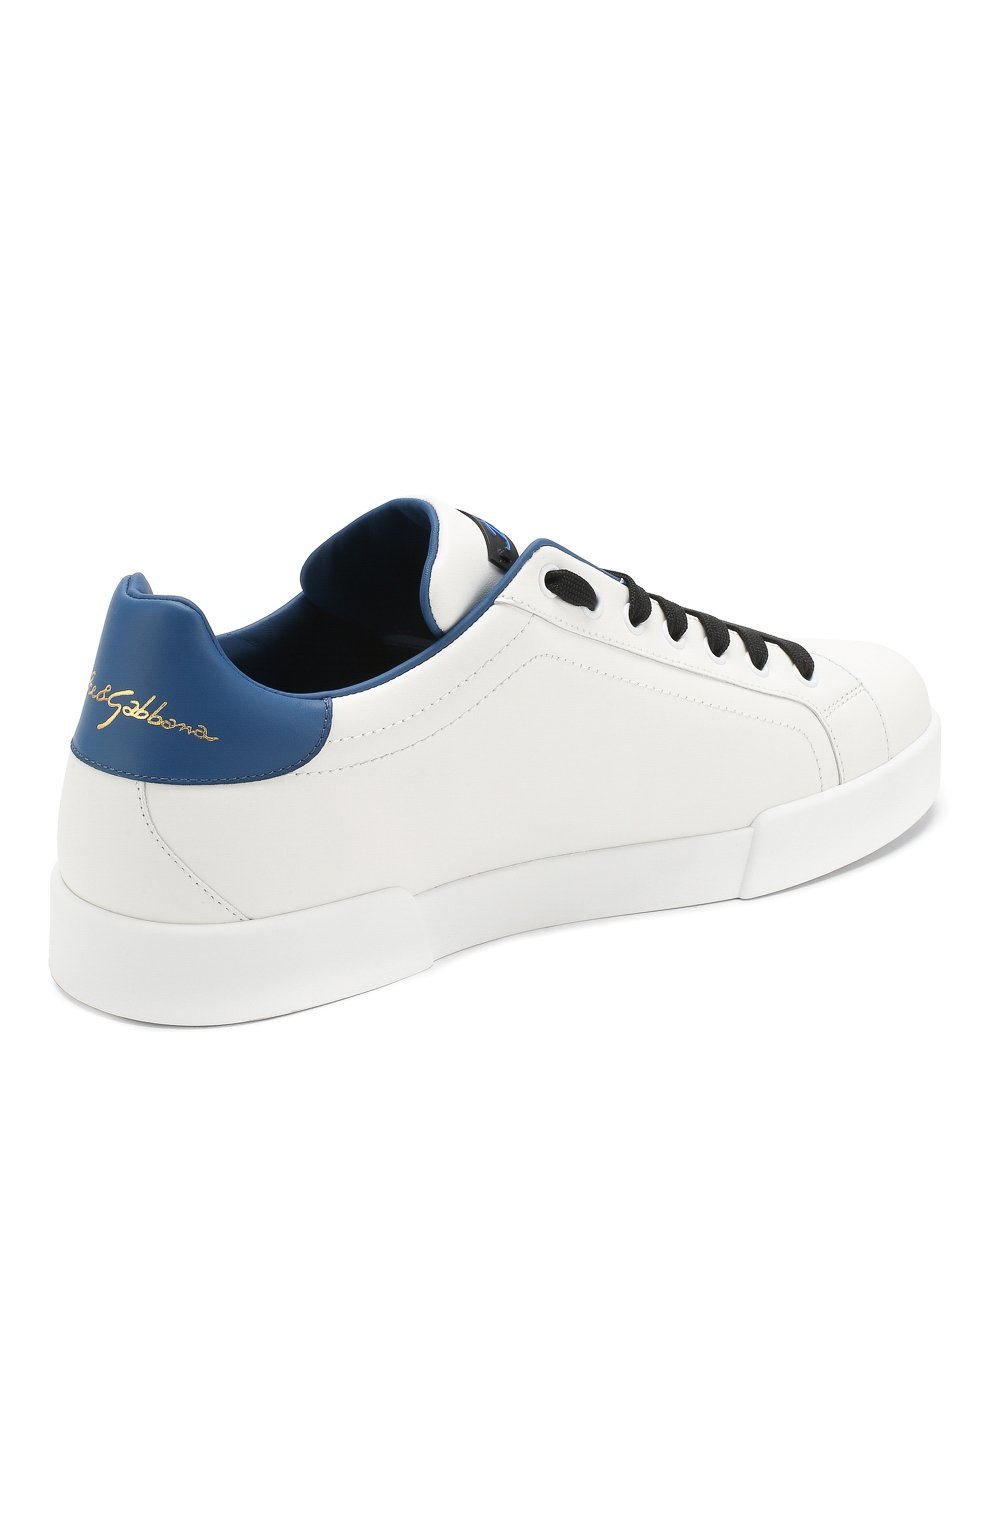 cf27cffa1928 Мужская обувь Dolce   Gabbana по цене от 14 250 руб. купить в  интернет-магазине ЦУМ